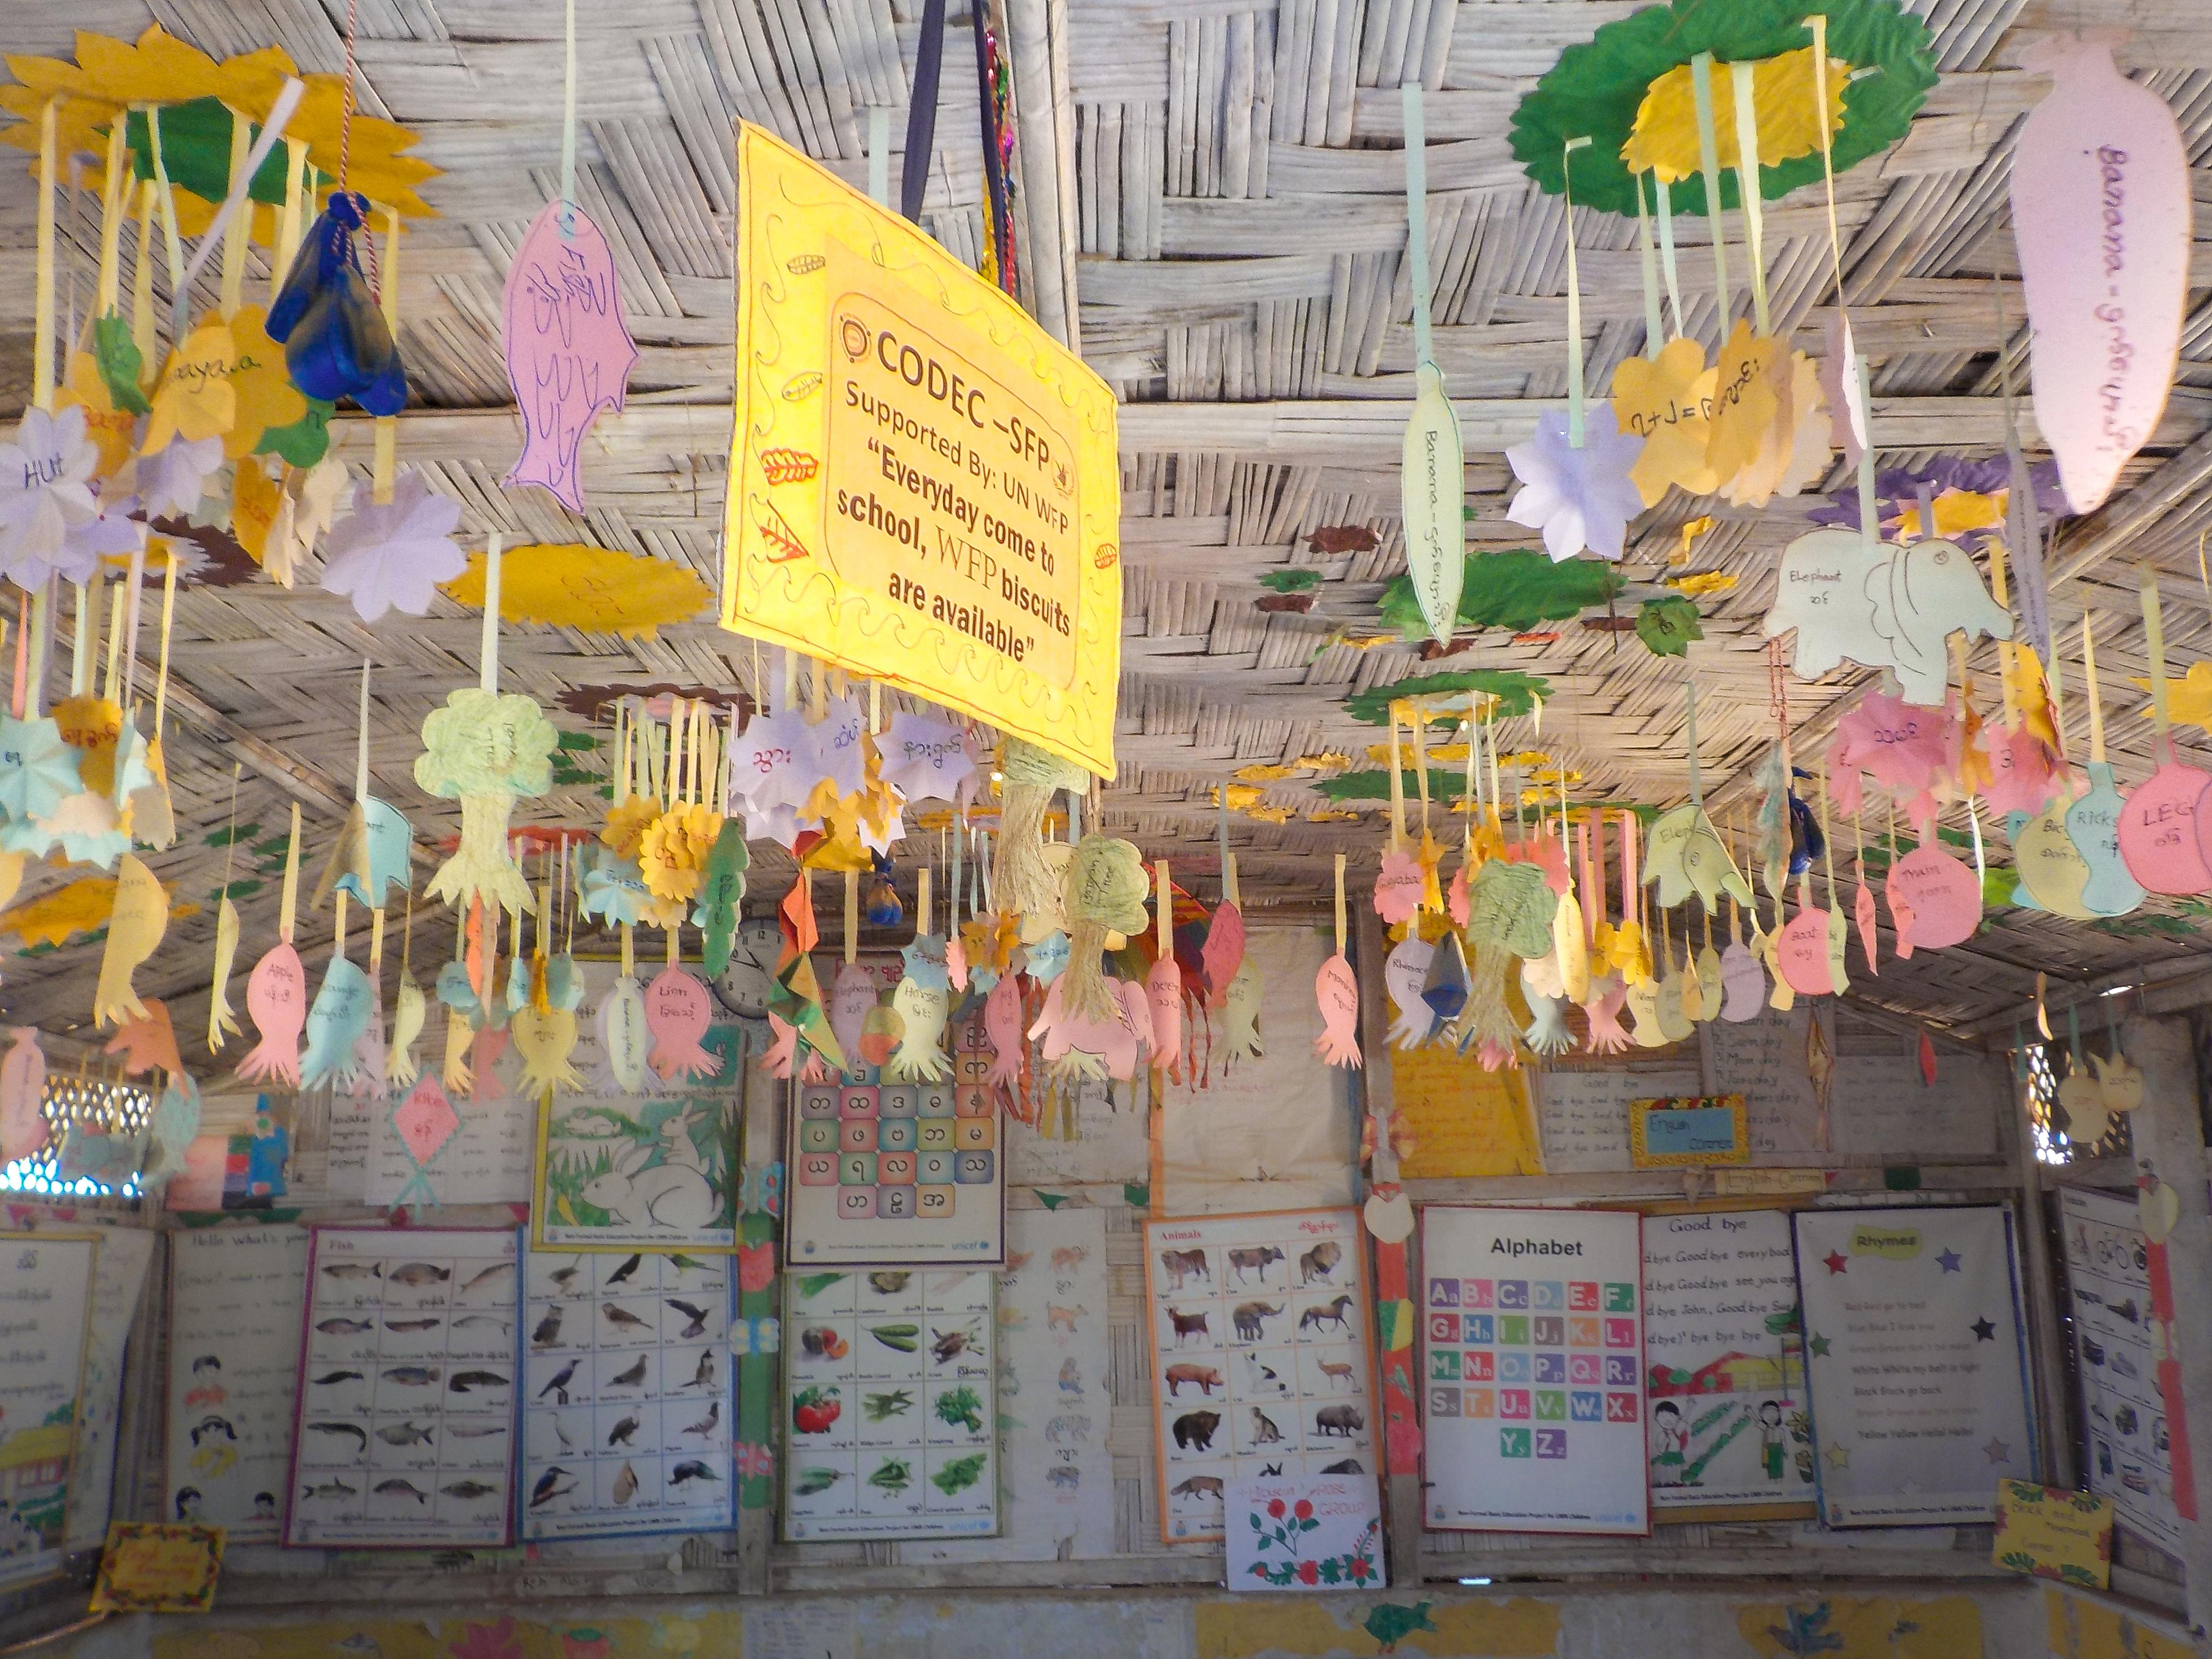 Luokkahuone Kutupalongin pakolaisleirillä